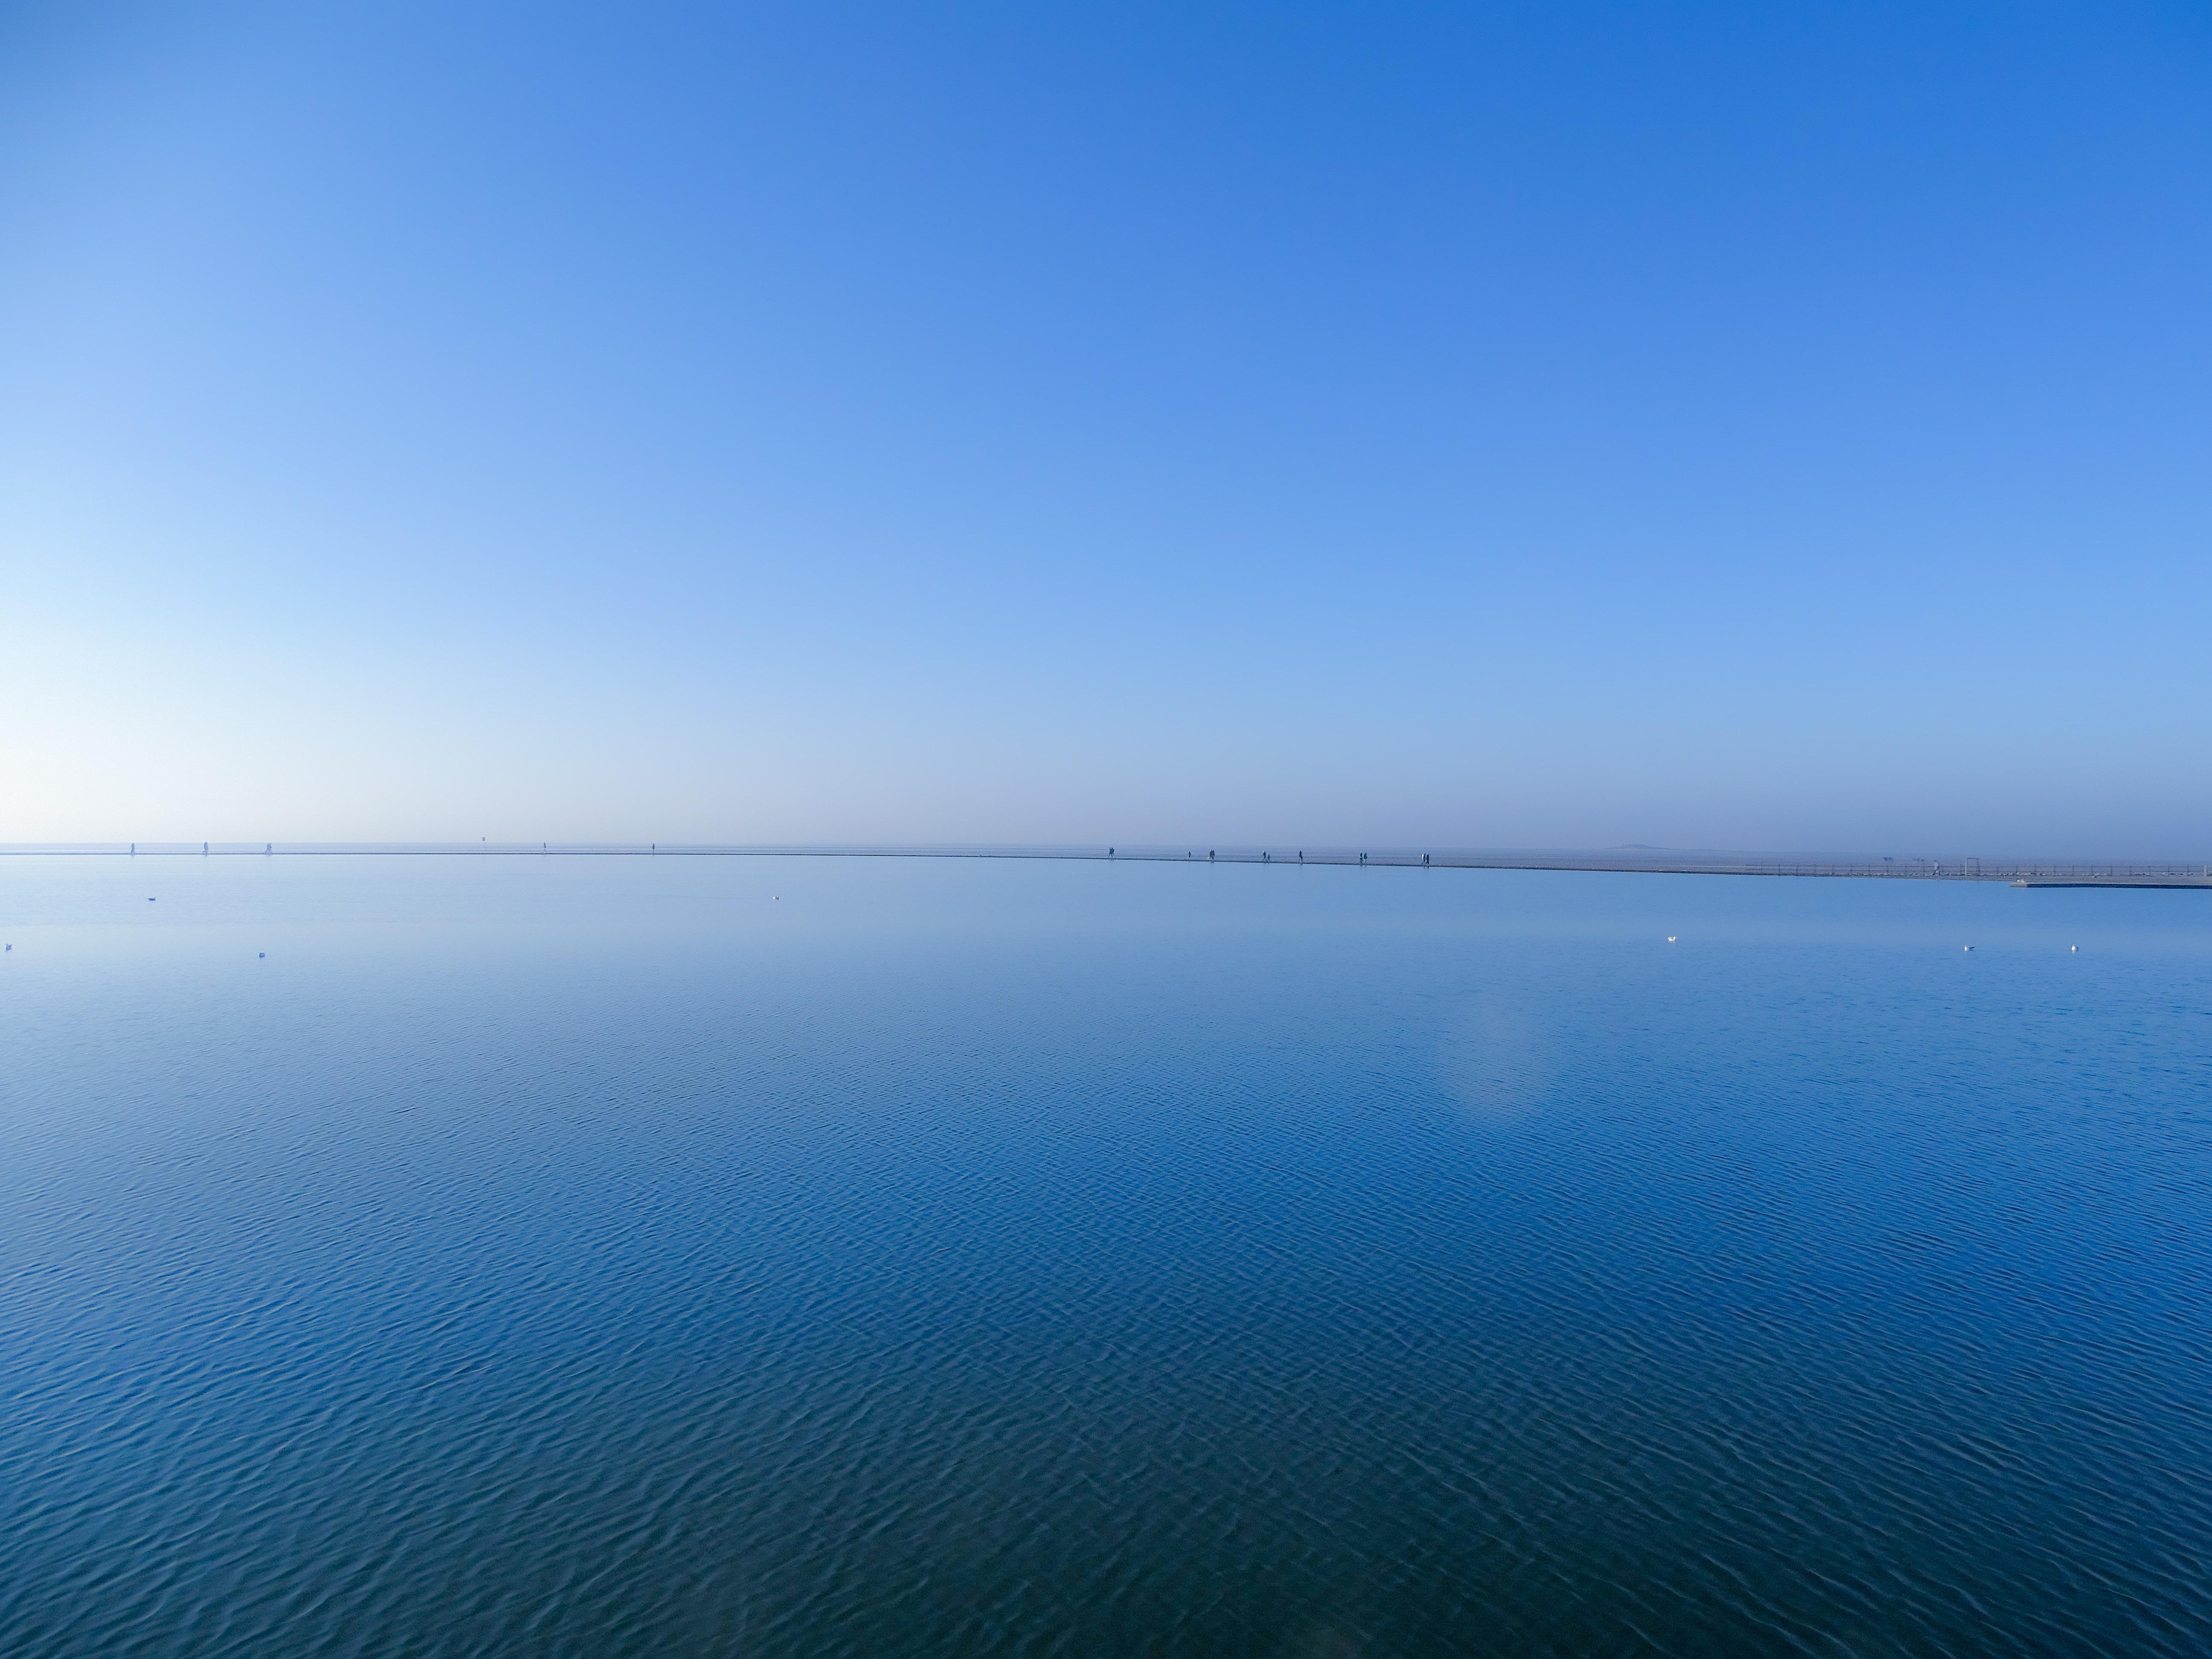 Walking On Water, Simon Tilsley